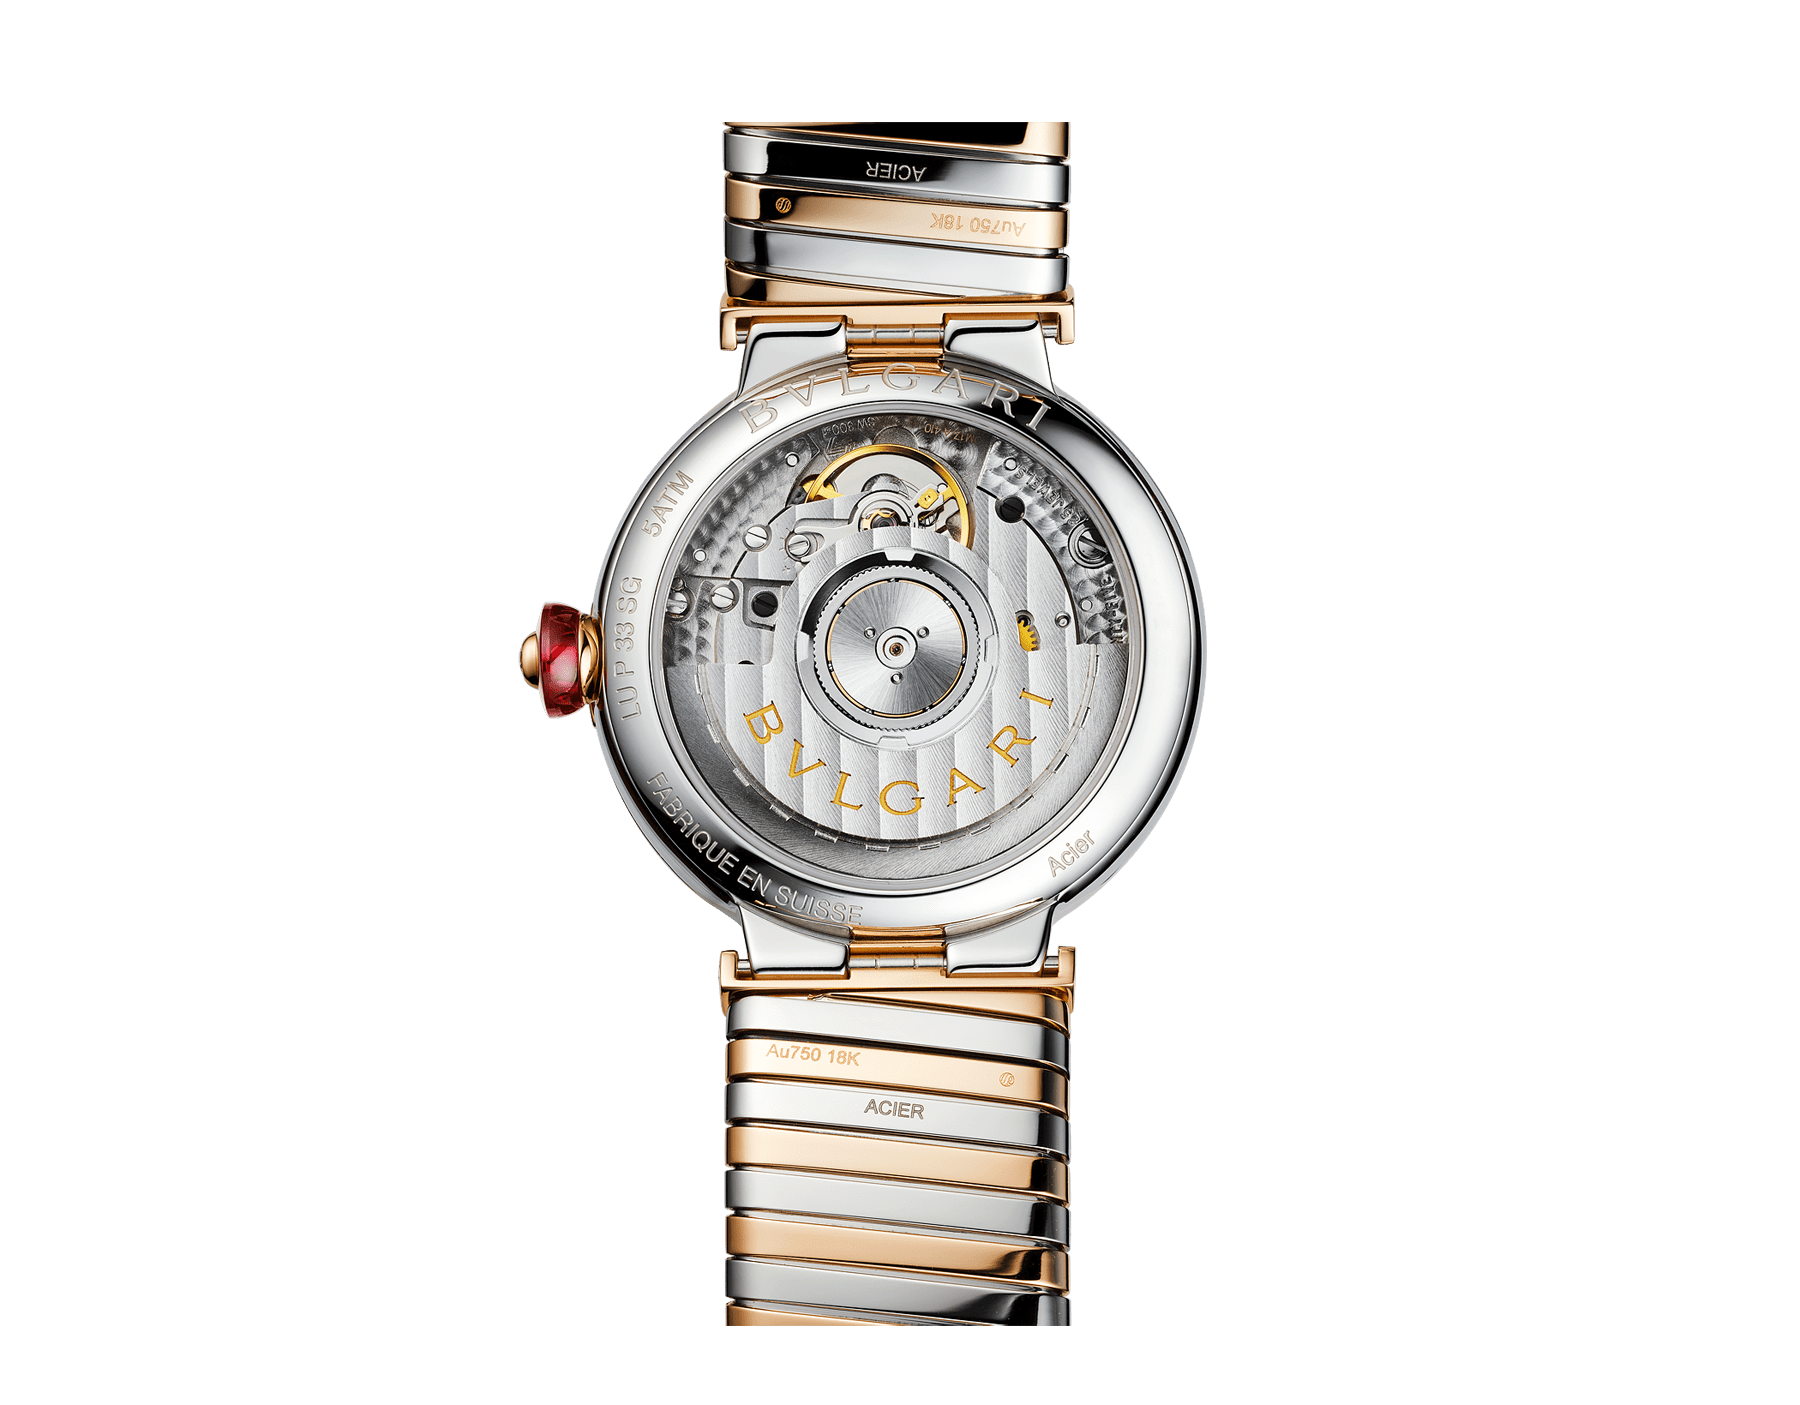 Relógio LVCEA Tubogas com caixa e pulseira tubogas em ouro rosa 18K e aço inoxidável, mostrador em madrepérola branca e índices de diamante 102954 image 3